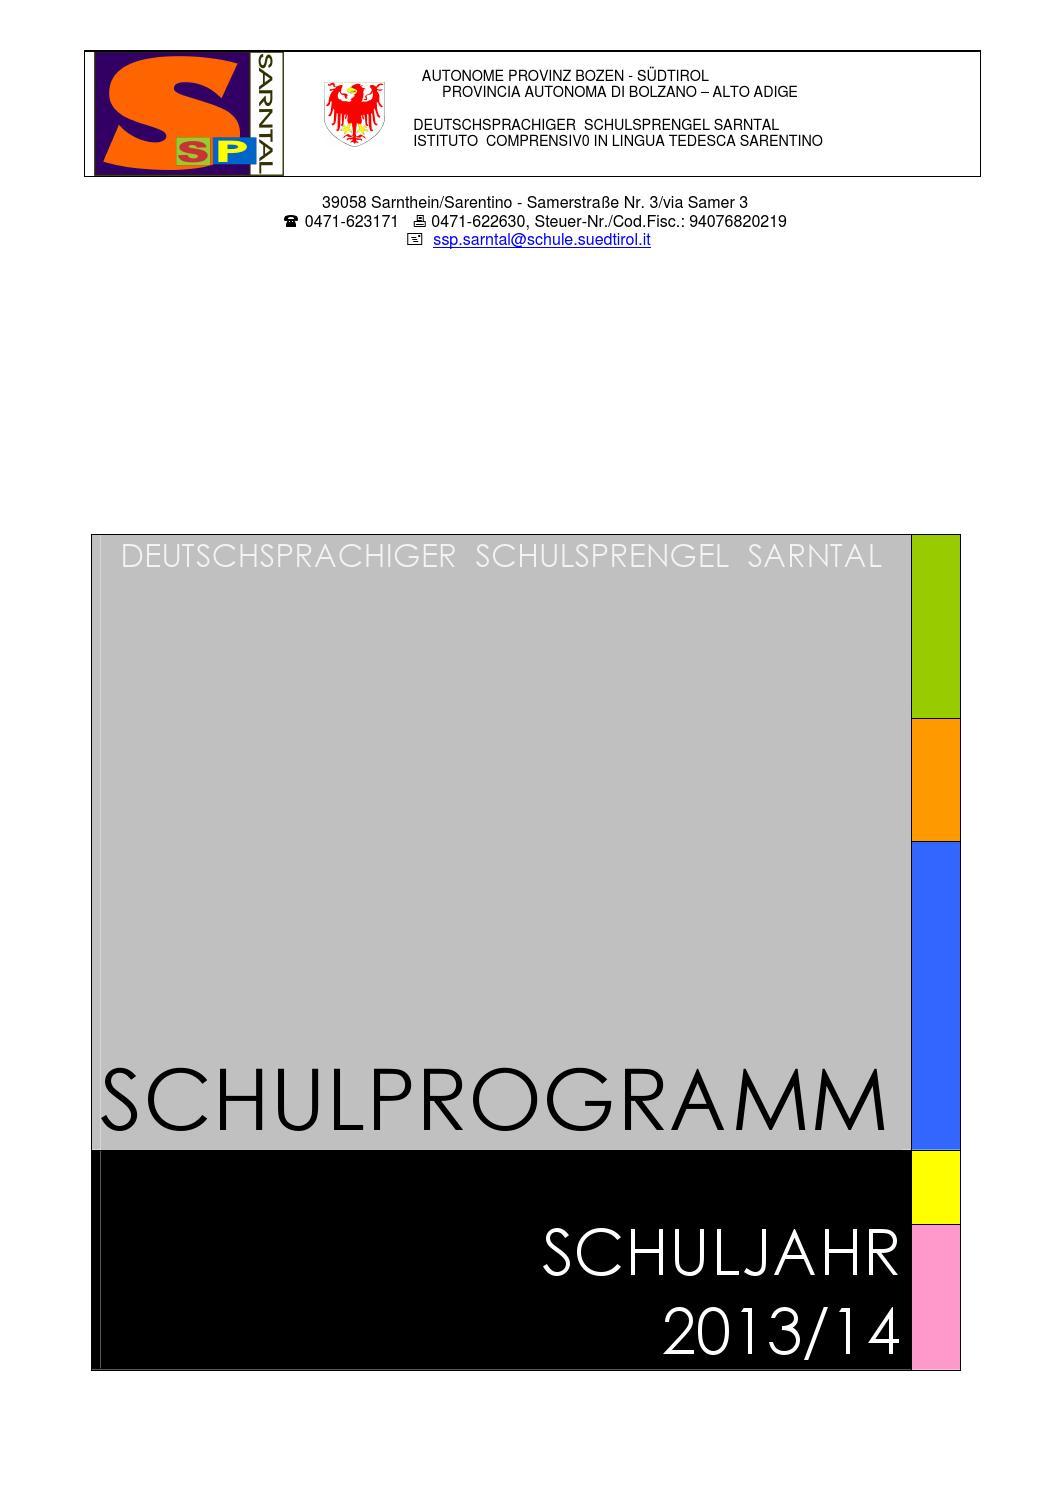 SSP-Sarntal - Schulprogramm 2013-14 by hannes thaler - issuu